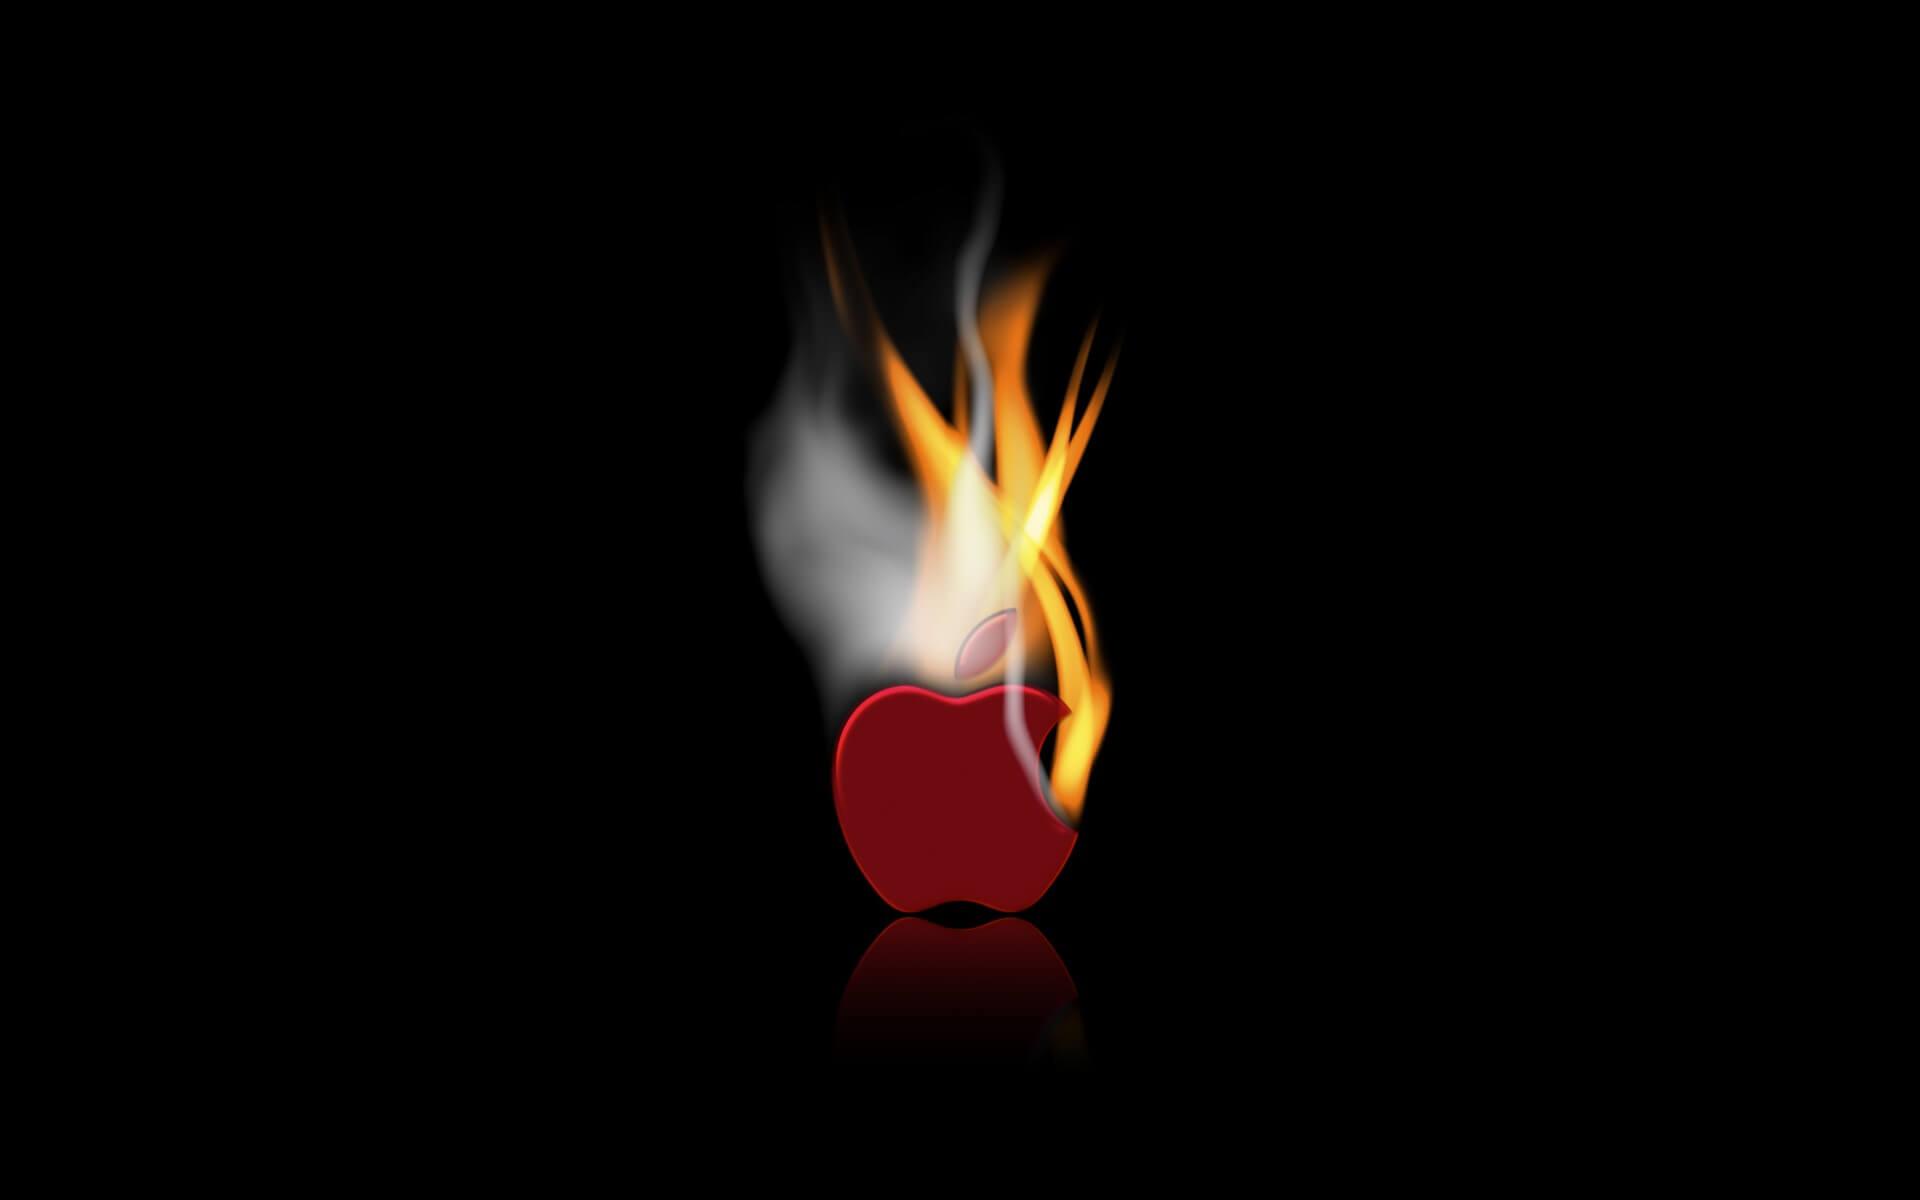 50 hình nền logo và biểu tượng quả táo cắn dở của Apple số 23